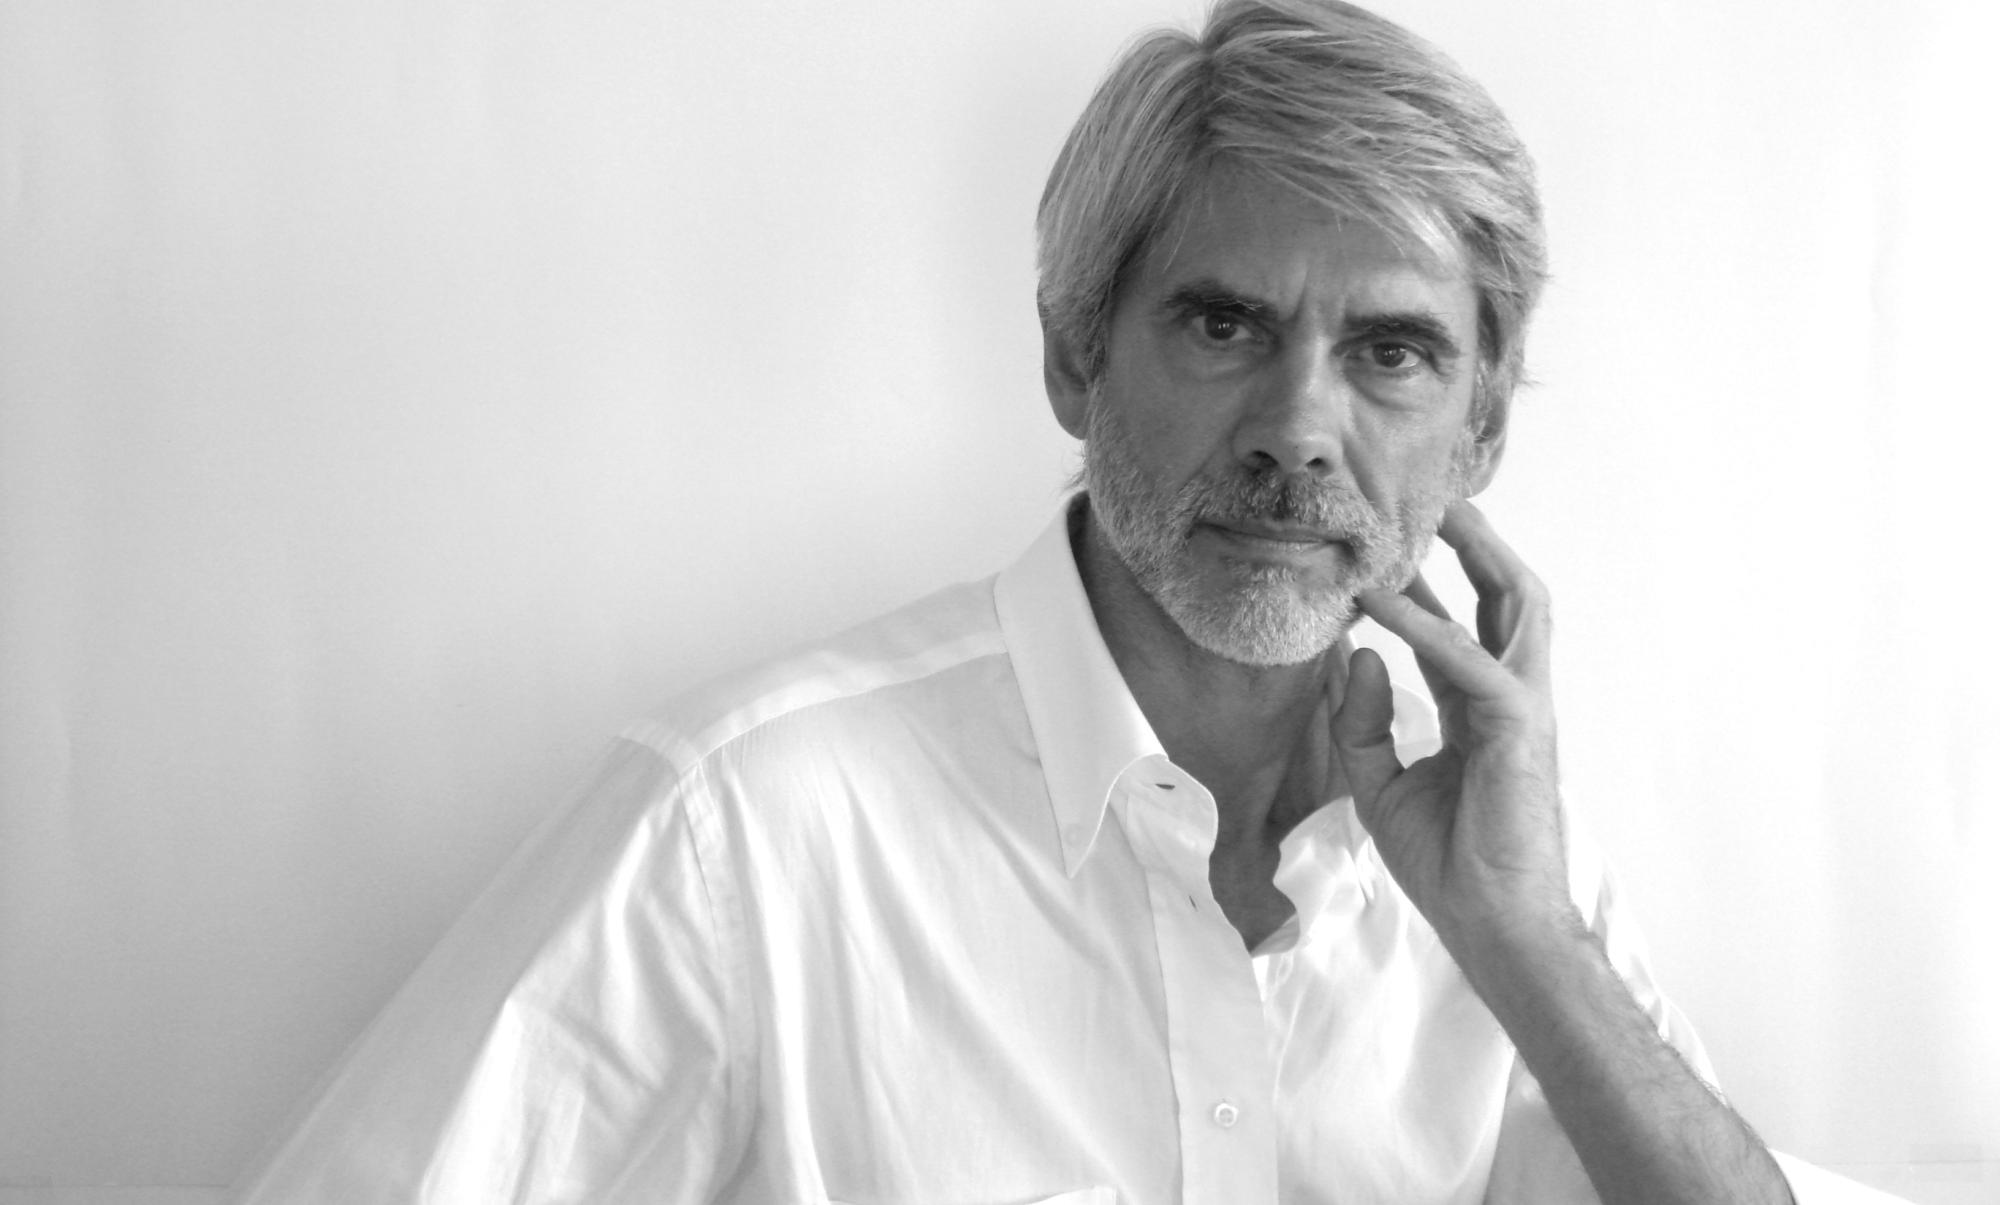 Paolo Bulletti